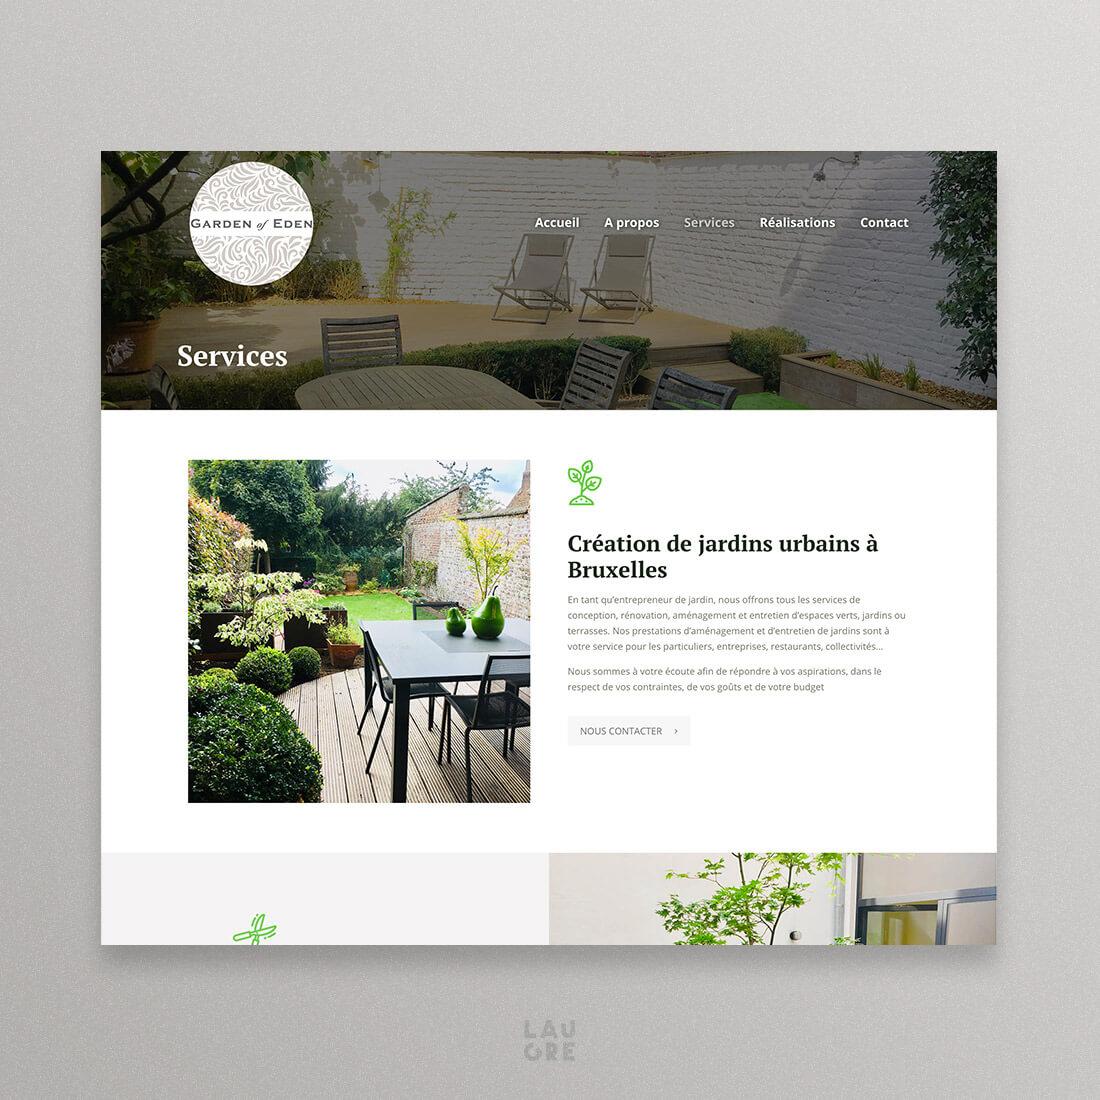 laugre-GardenOfEden-web02